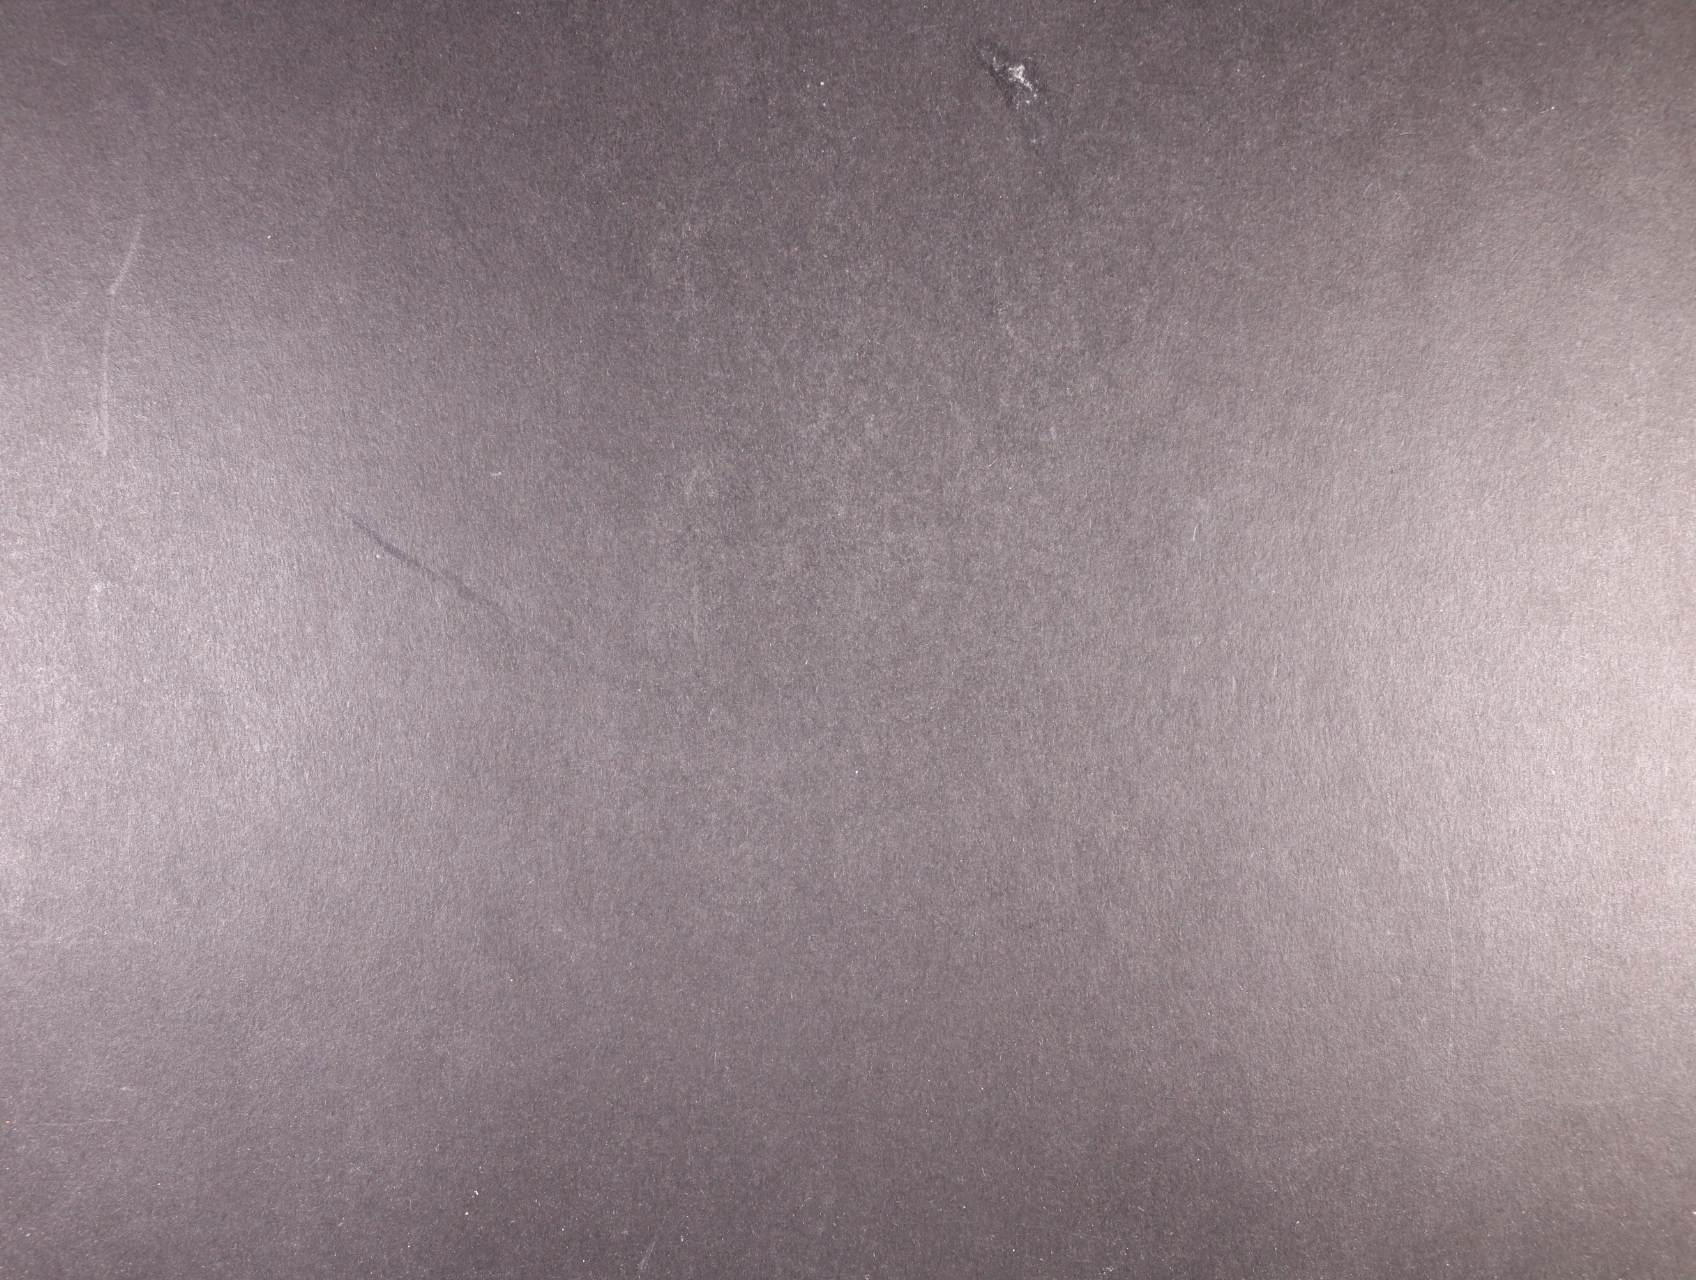 ČSR I - celiny - sbírka 34 ks různých obrazových CDV č. 69, zajímavá raz. VLP, poštovny, dofrank. celiny, dobrá kvalita